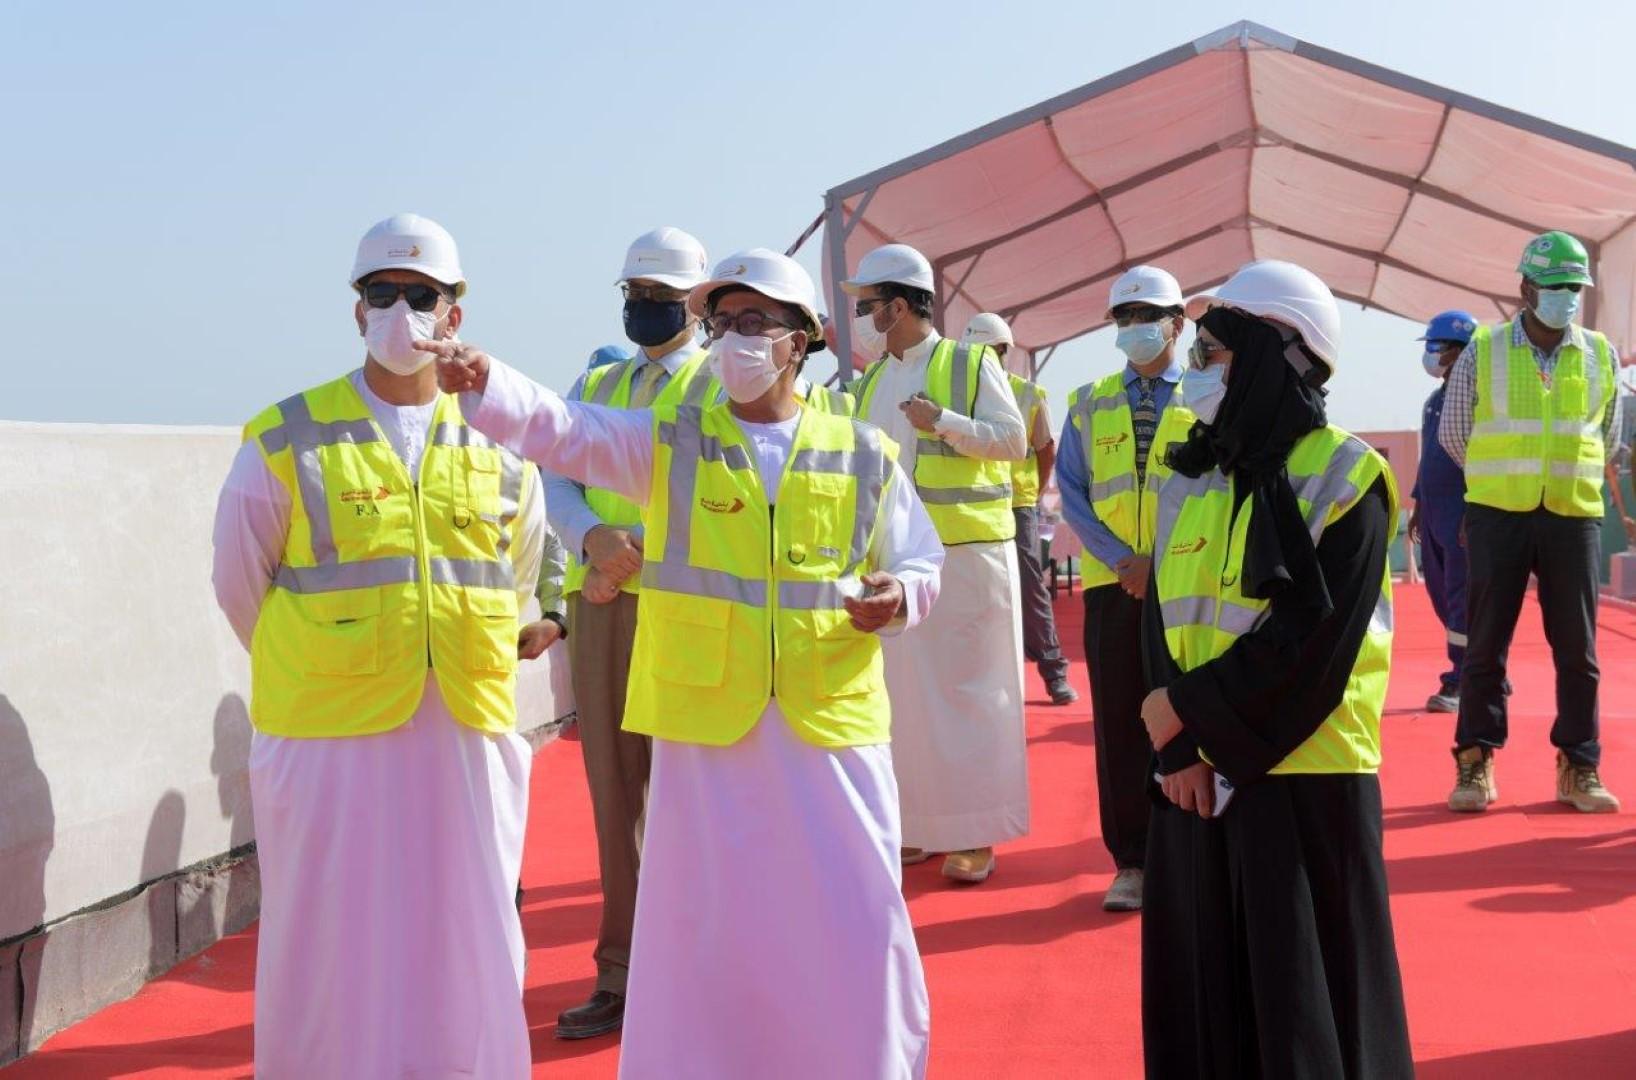 مدير بلدية دبي يتفقد المرحلة النهائية لمشروع النفق العميق قبل تشغيله.